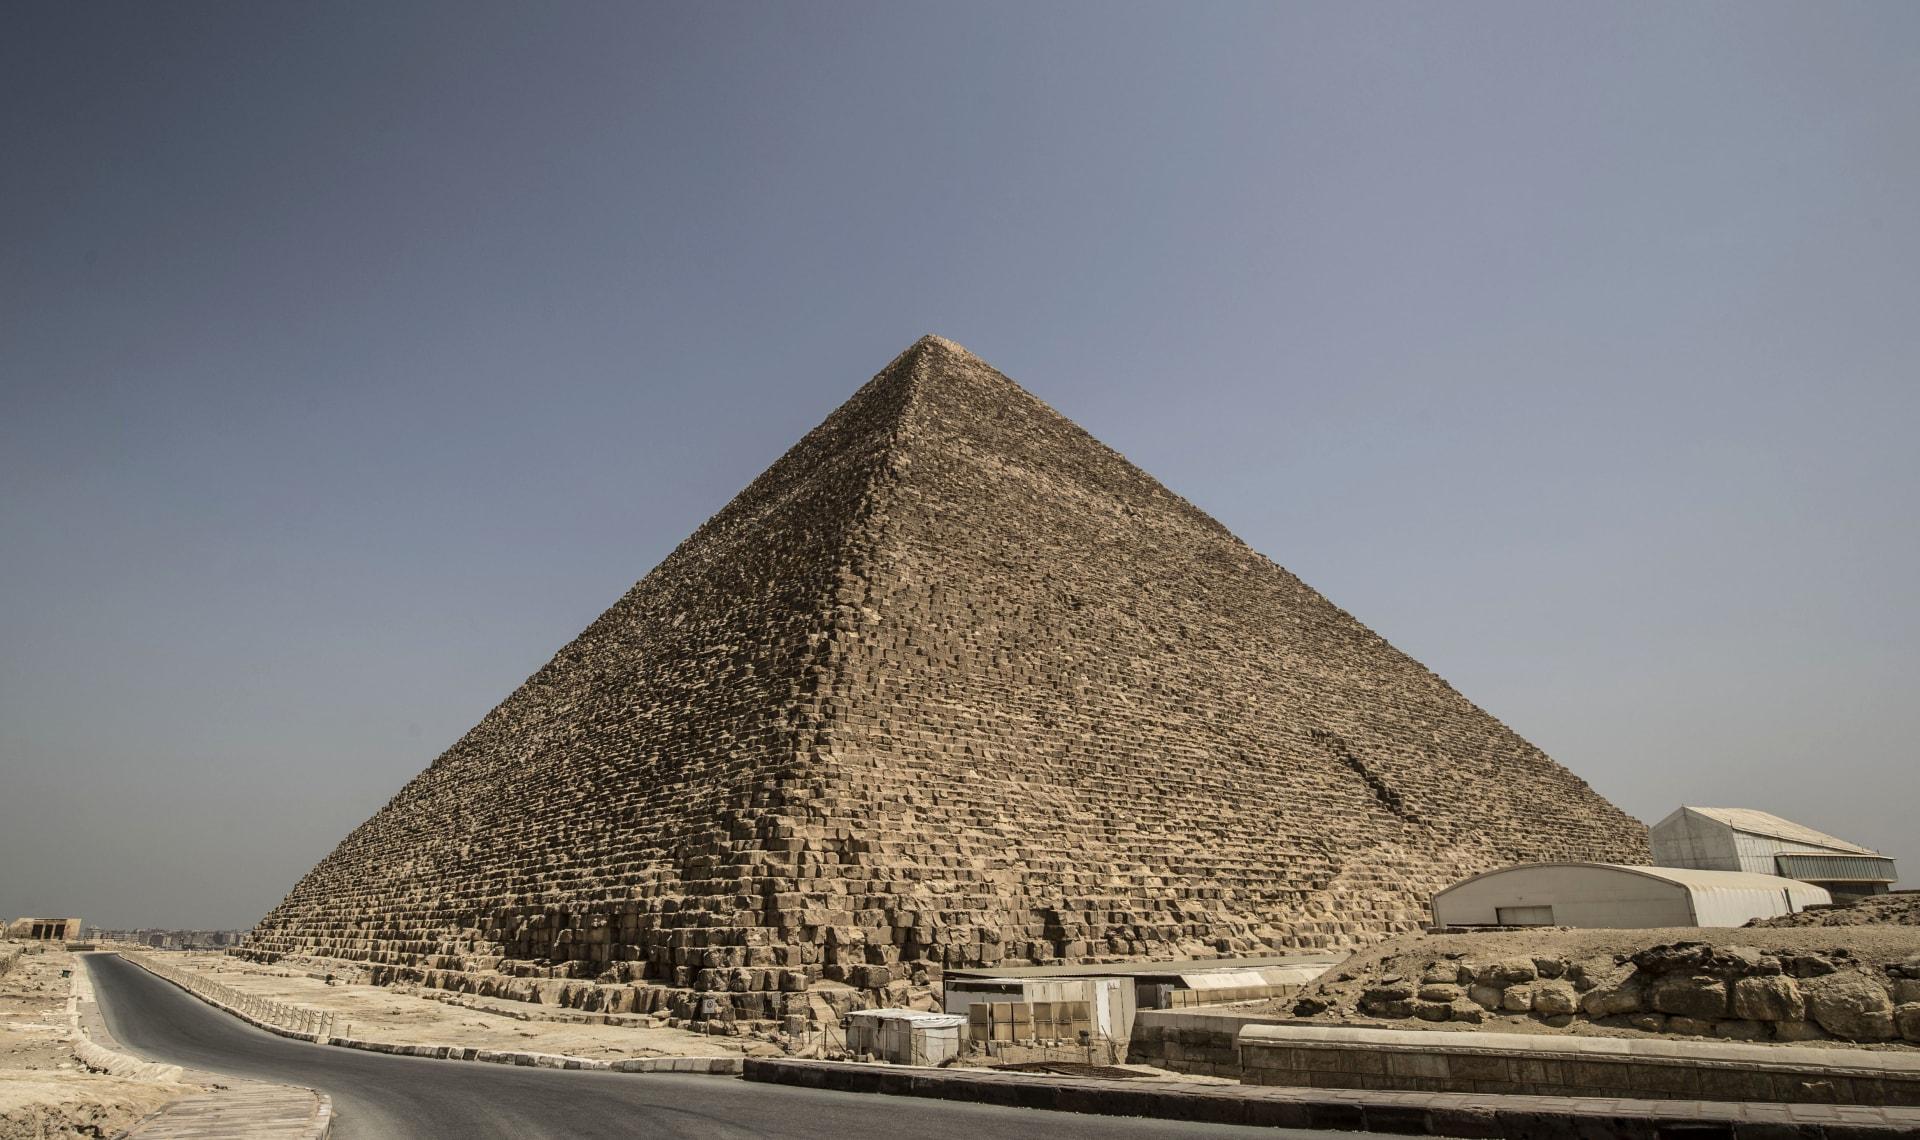 في مصر.. أبحر بين روائع حضارة بأكملها بضغطة زر فقط